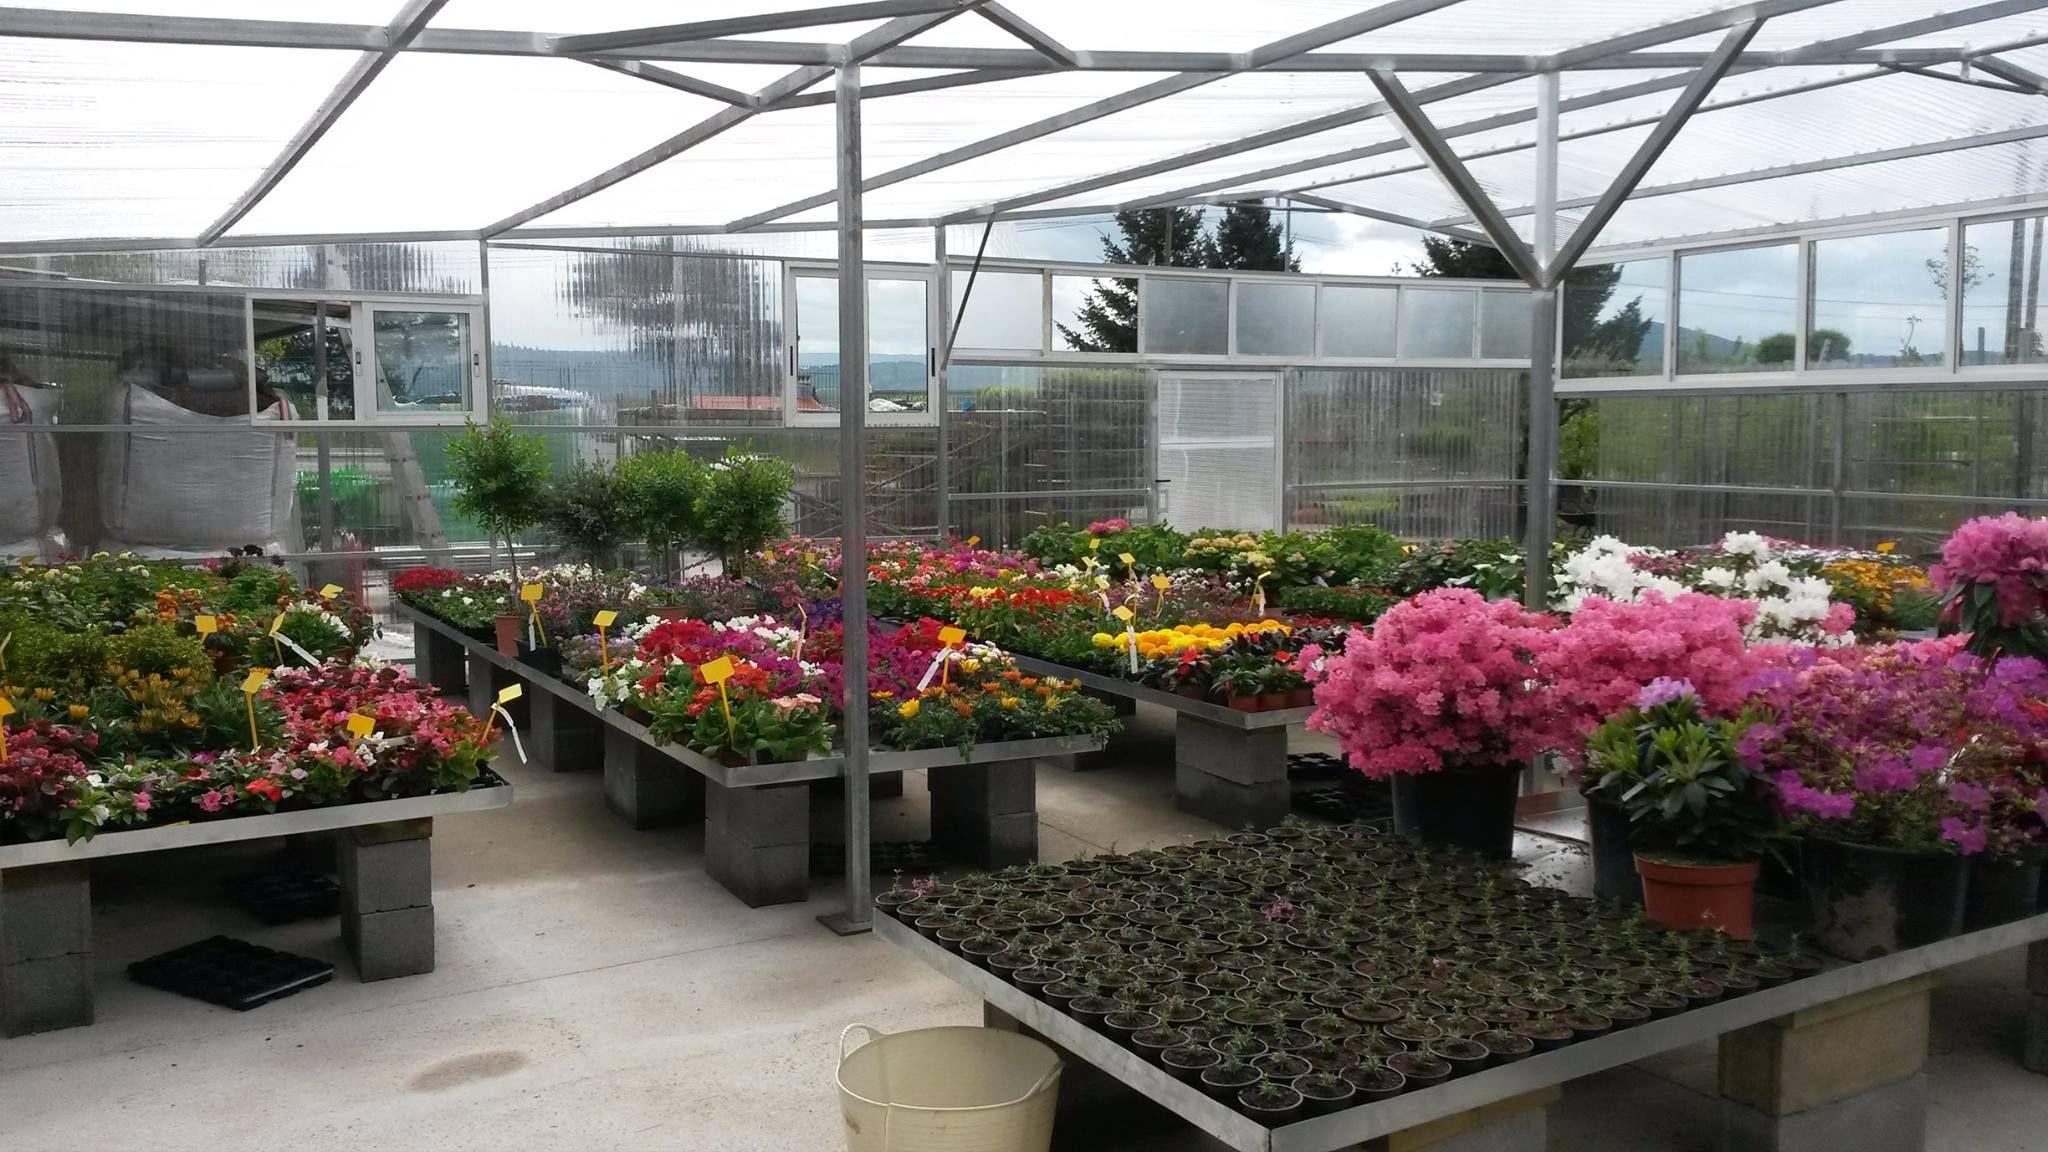 Venta de flores en Monforte de Lemos